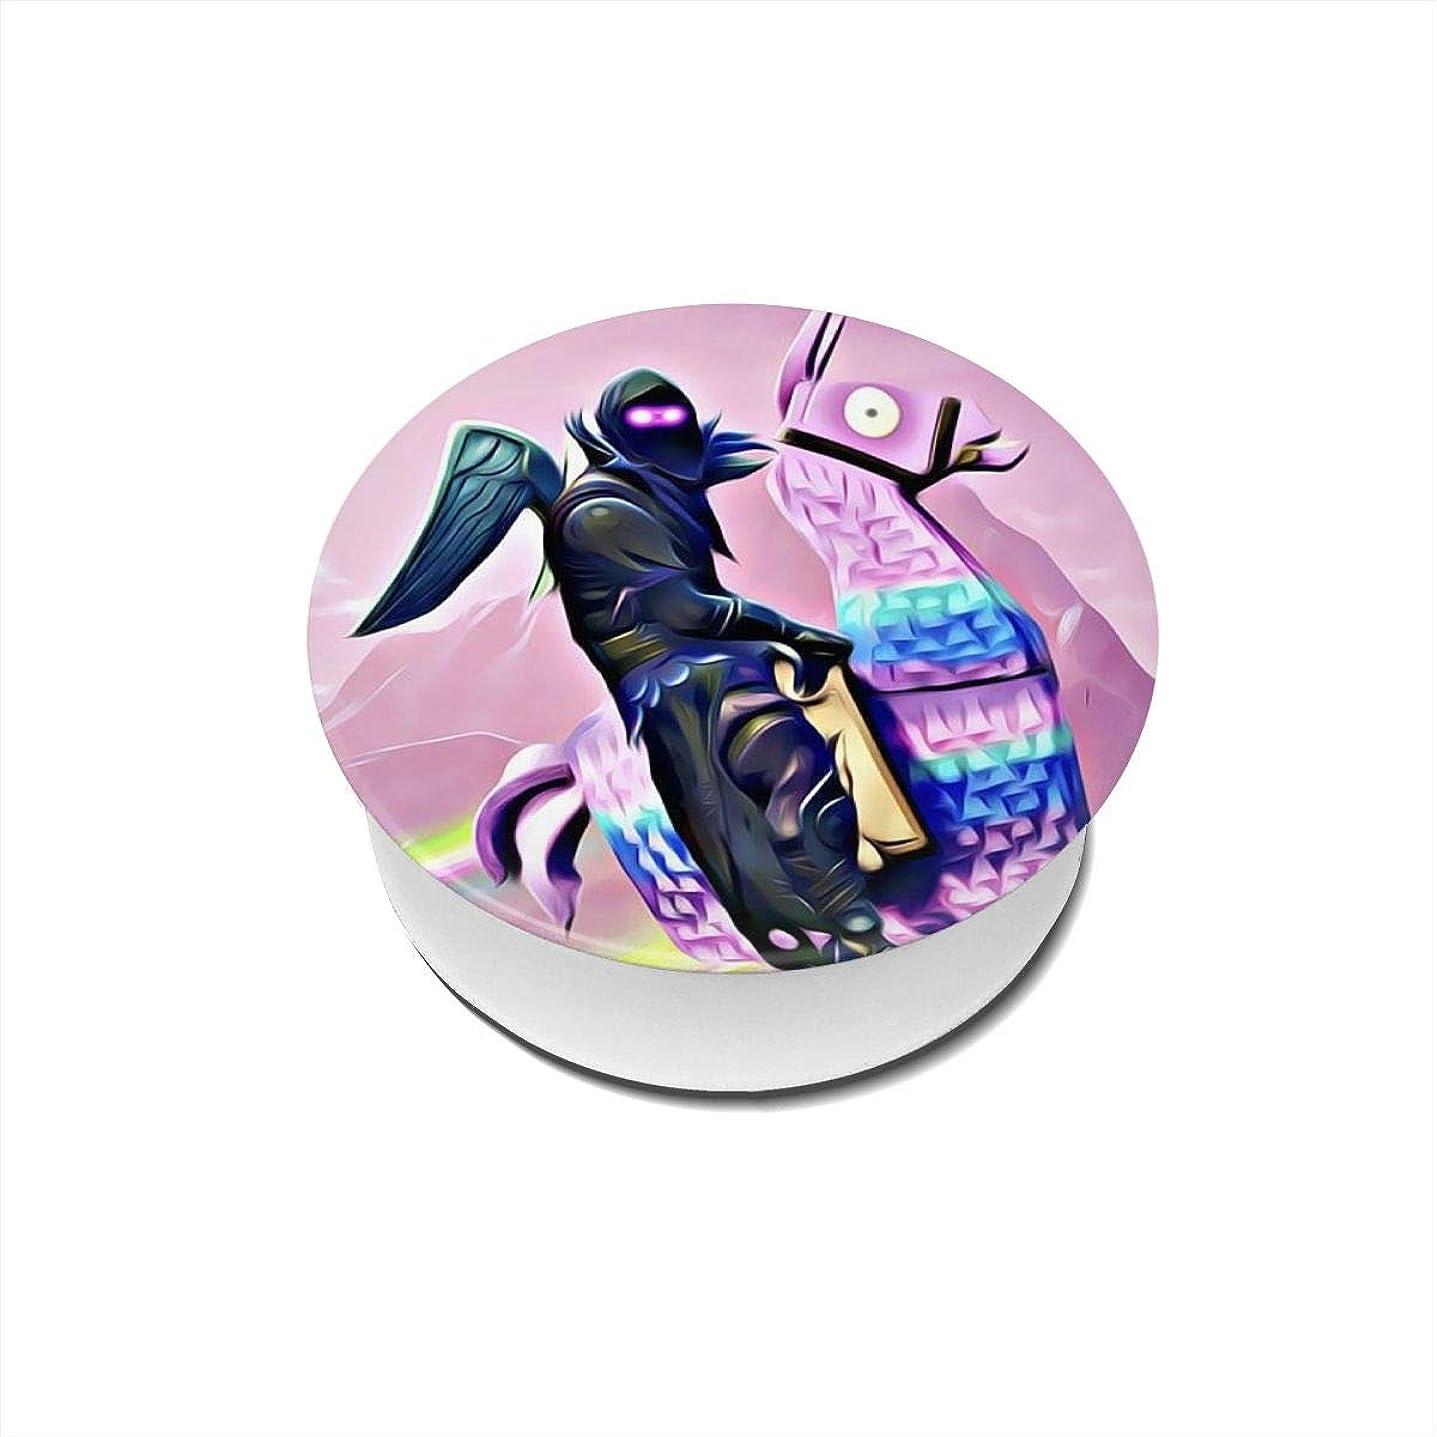 ピンクにはまって失速Yinian フォートナイト バトルロイヤル スマホリング/スマホスタンド/スマホグリップ/スマホアクセサリー バンカーリング スマホ リング おしゃれ ホールドリング 薄型 スタンド機能 ホルダー 落下防止 軽い 各種他対応/iPhone/Android